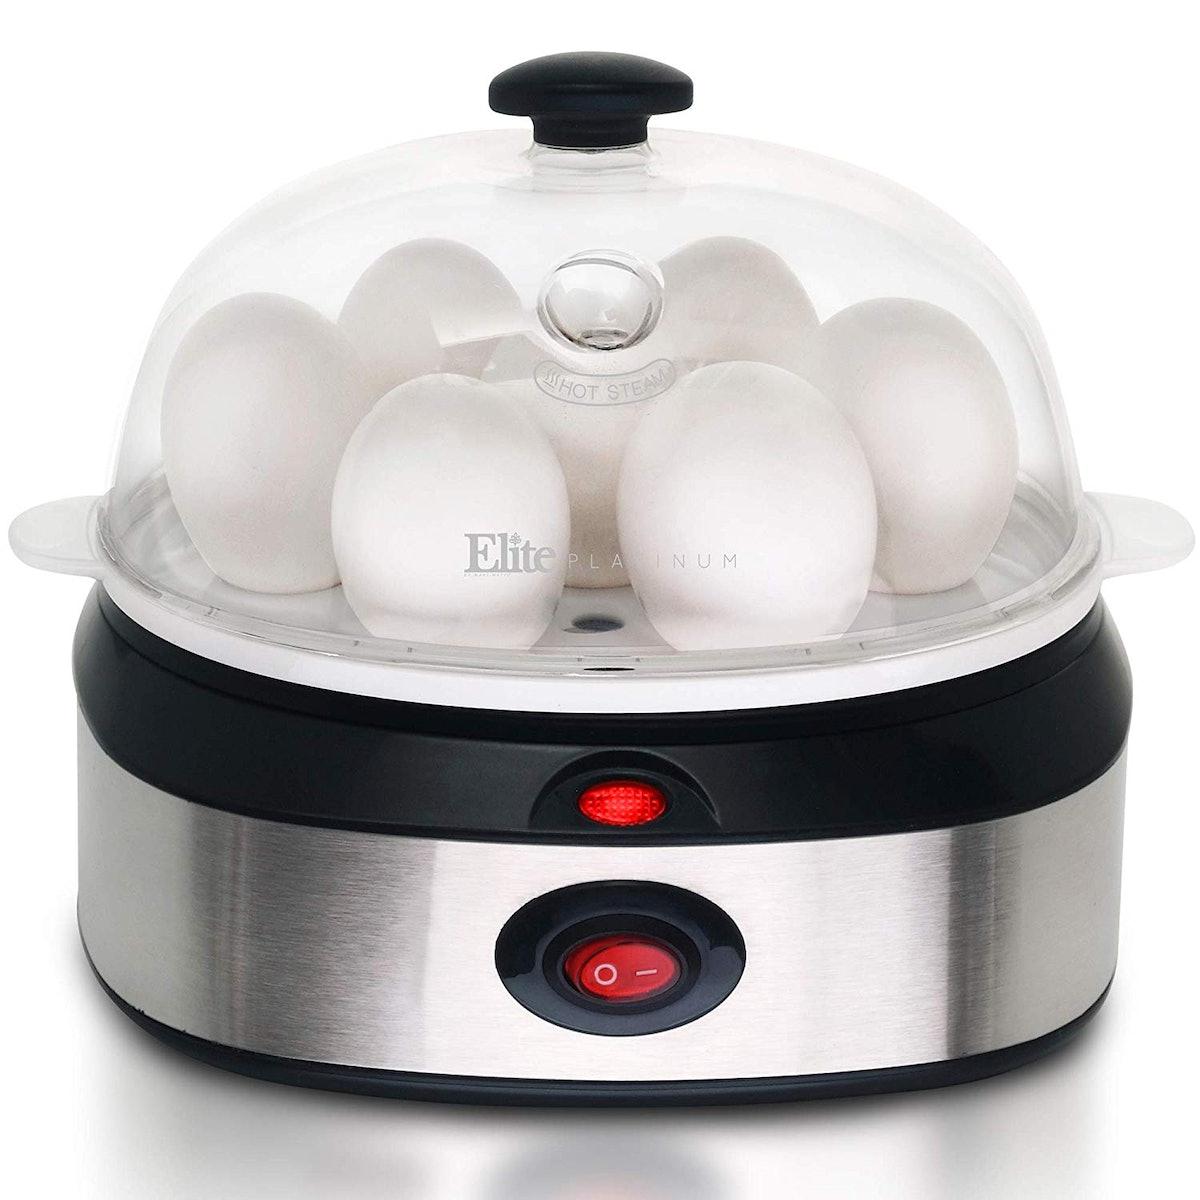 Maxi-Matic Easy Electric Egg Poacher